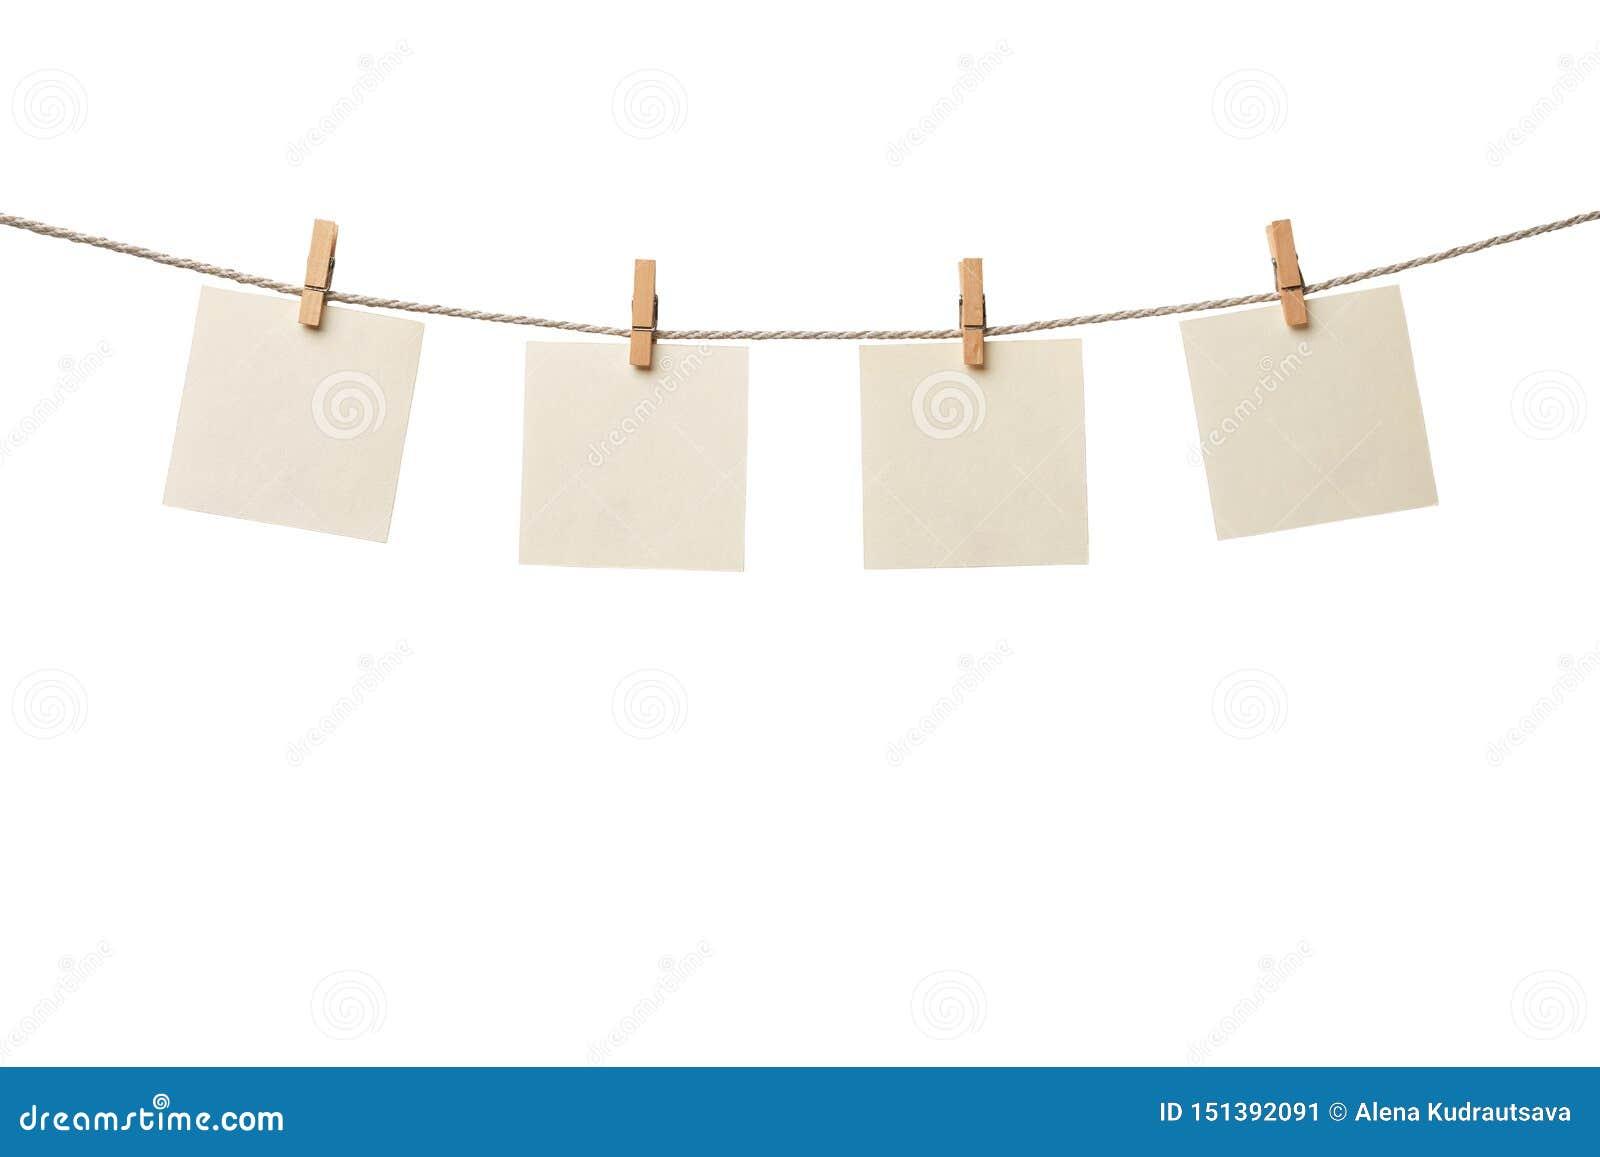 Vier alte leere Papieranmerkungen, die am Seil lokalisiert auf weißem Hintergrund hängen